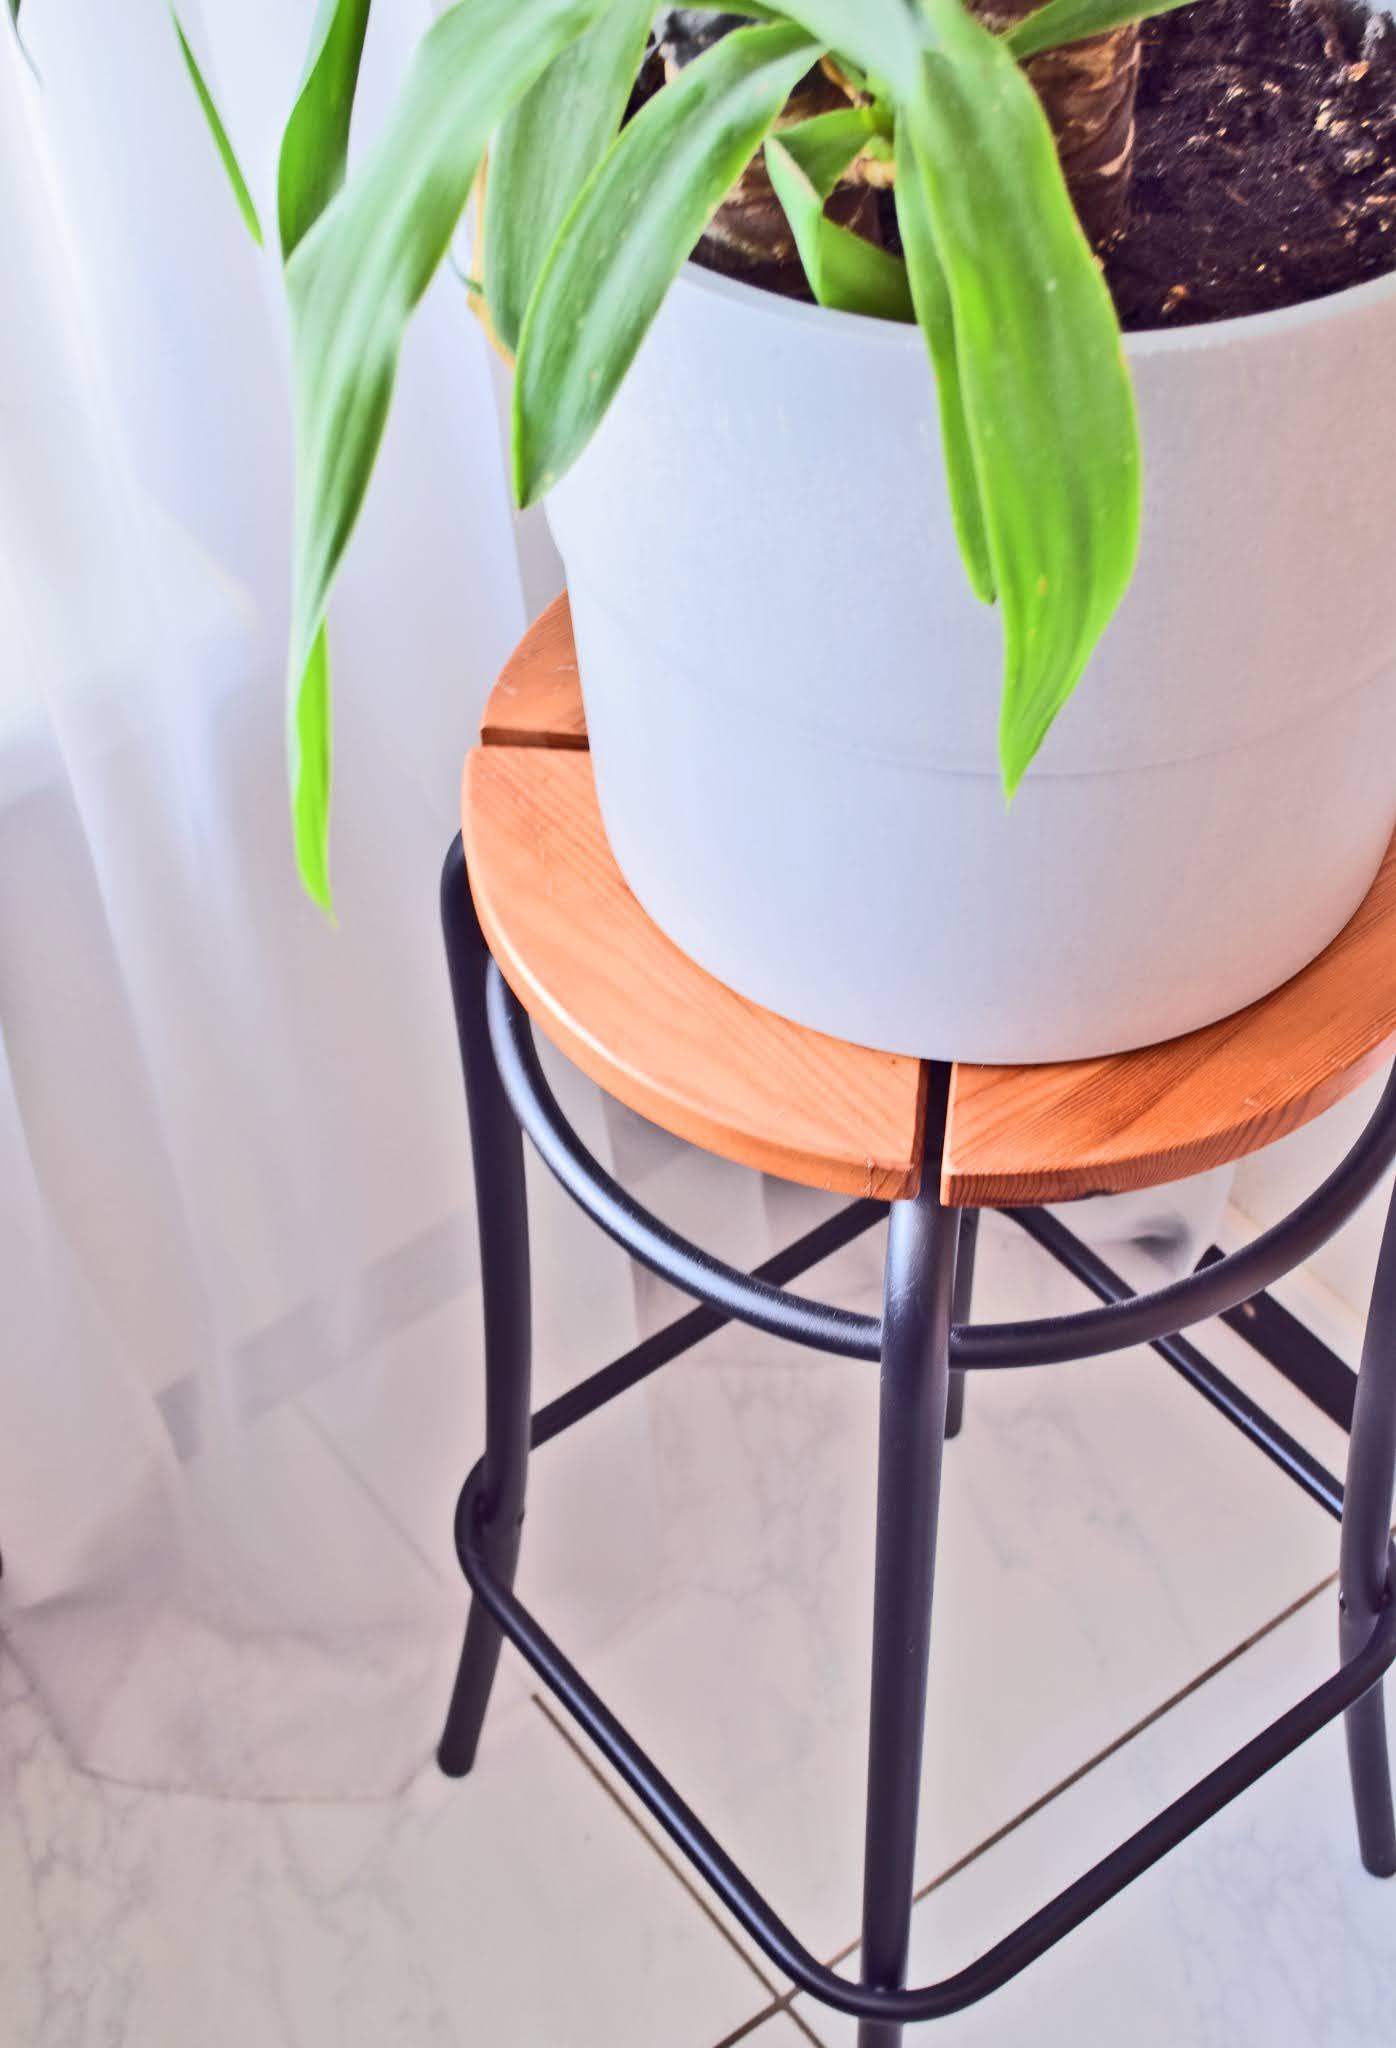 stolik pod kwiaty